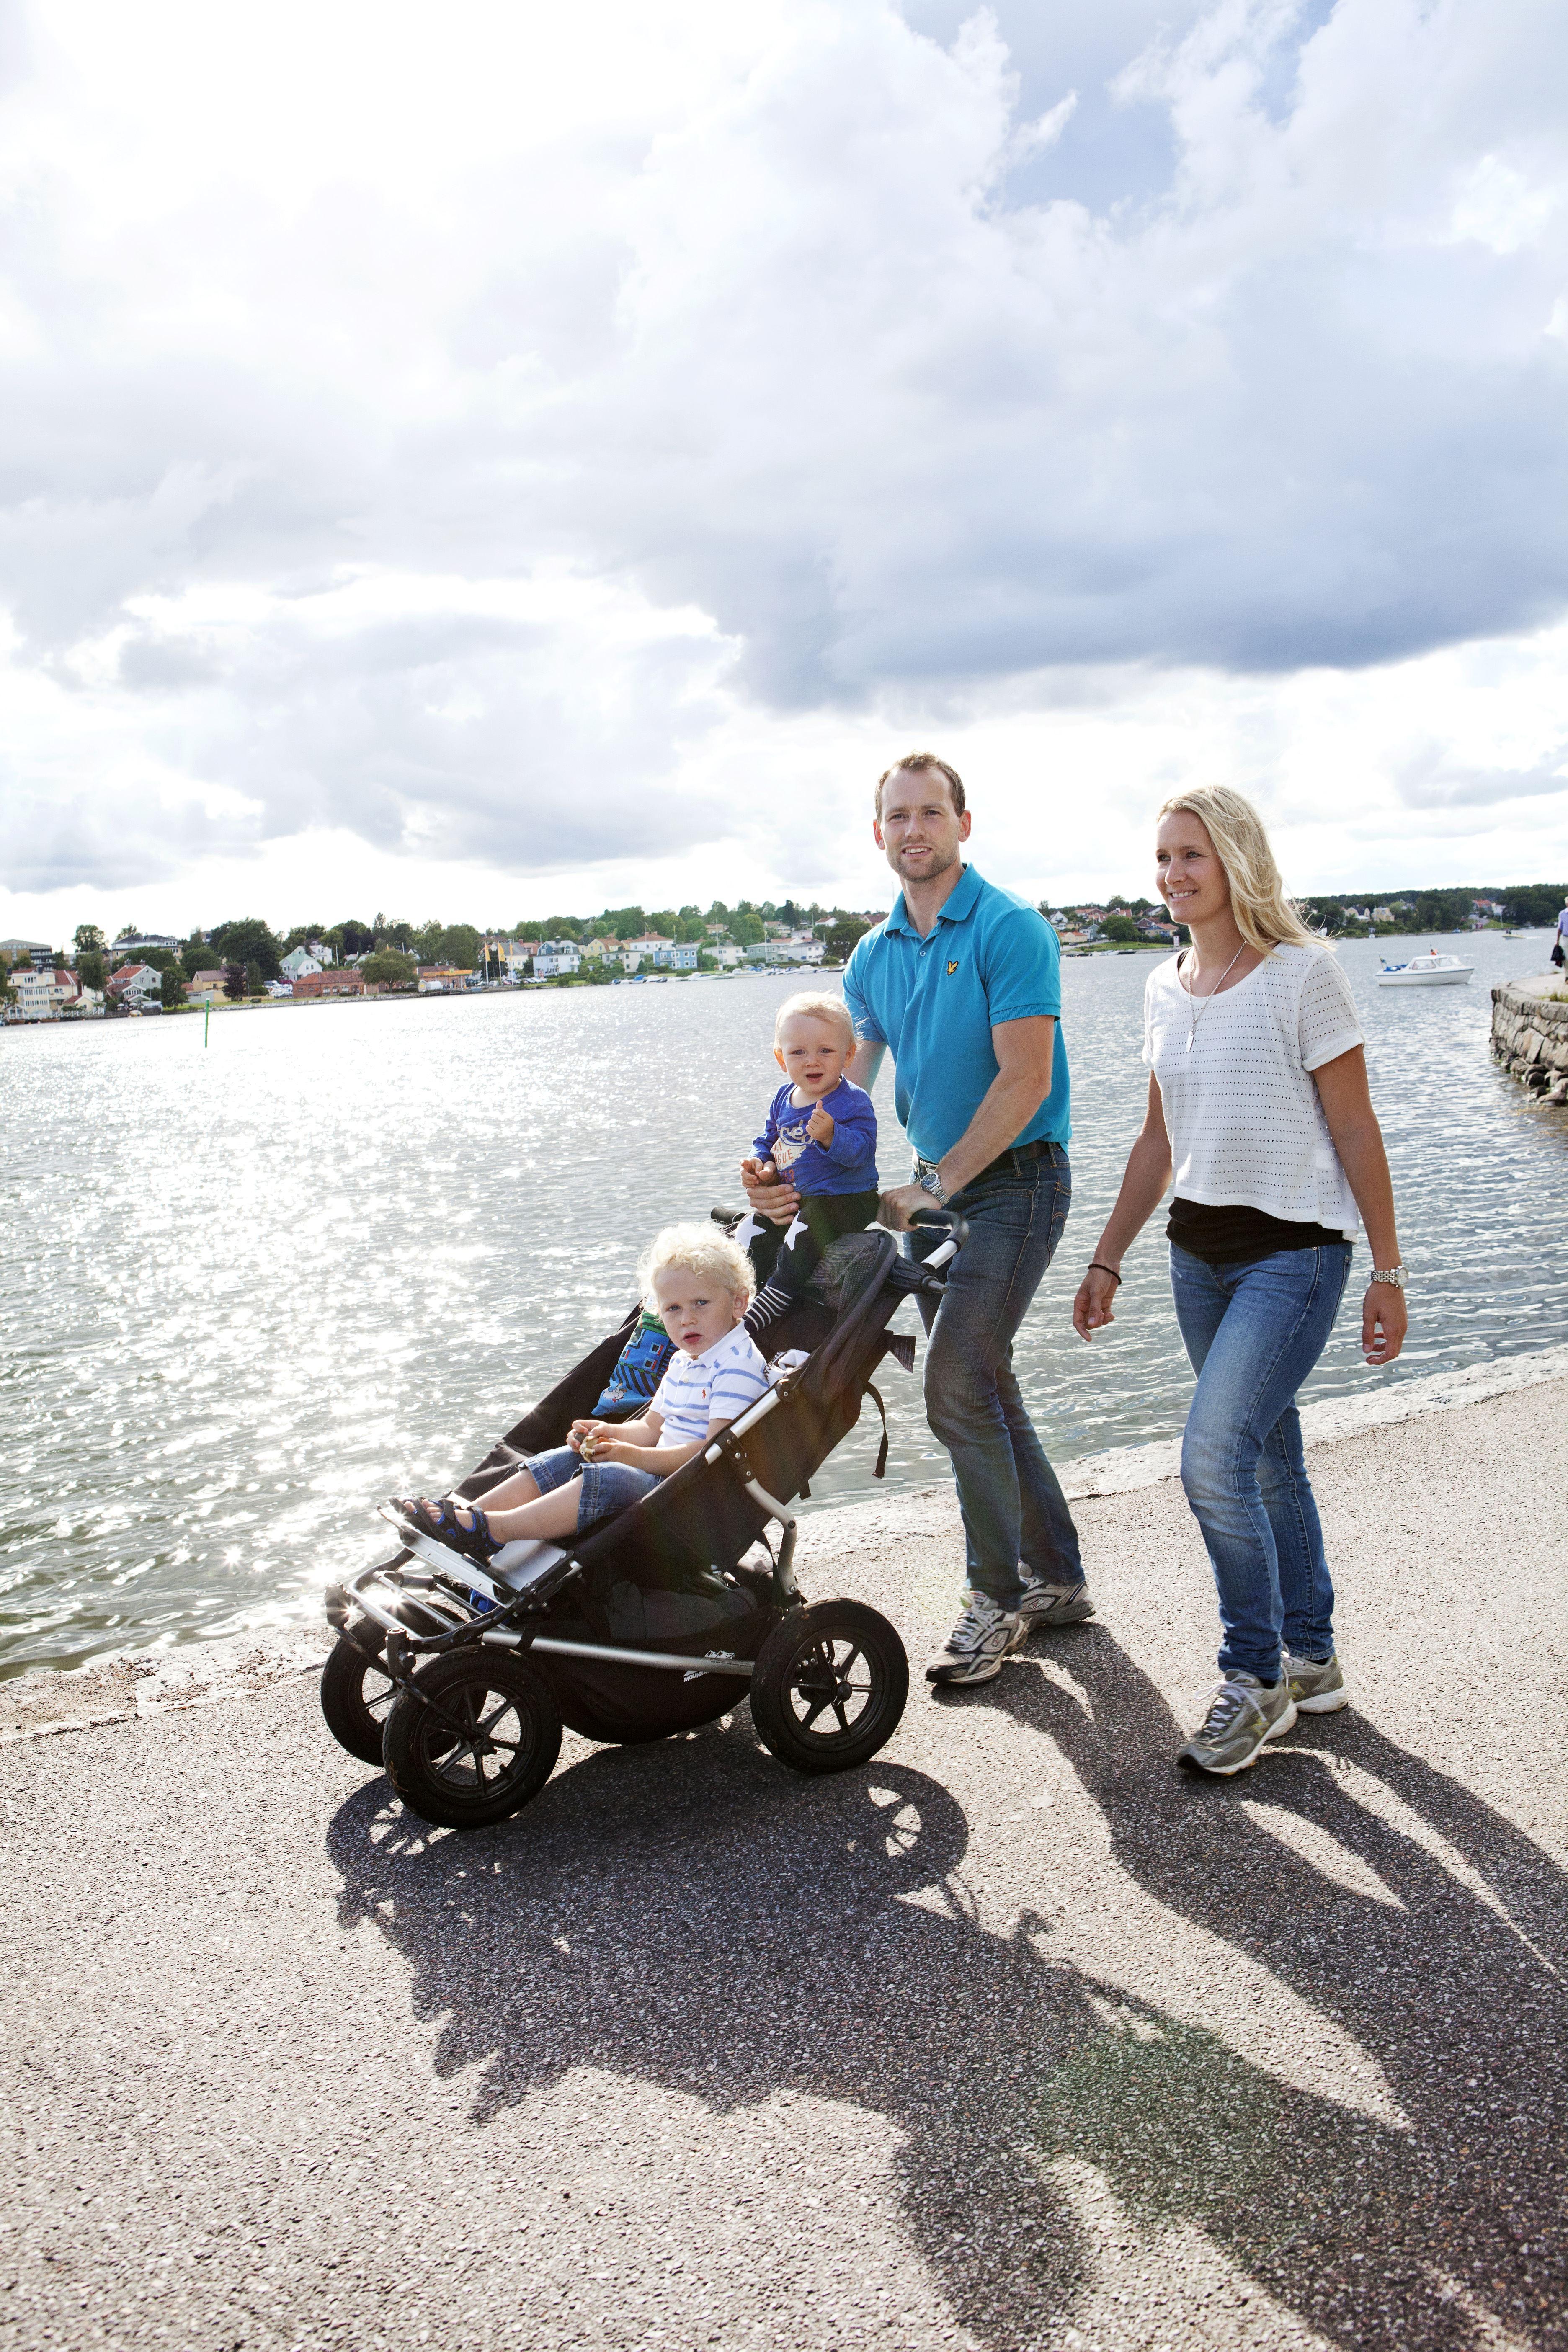 Hälsans Stig (The Health Path)